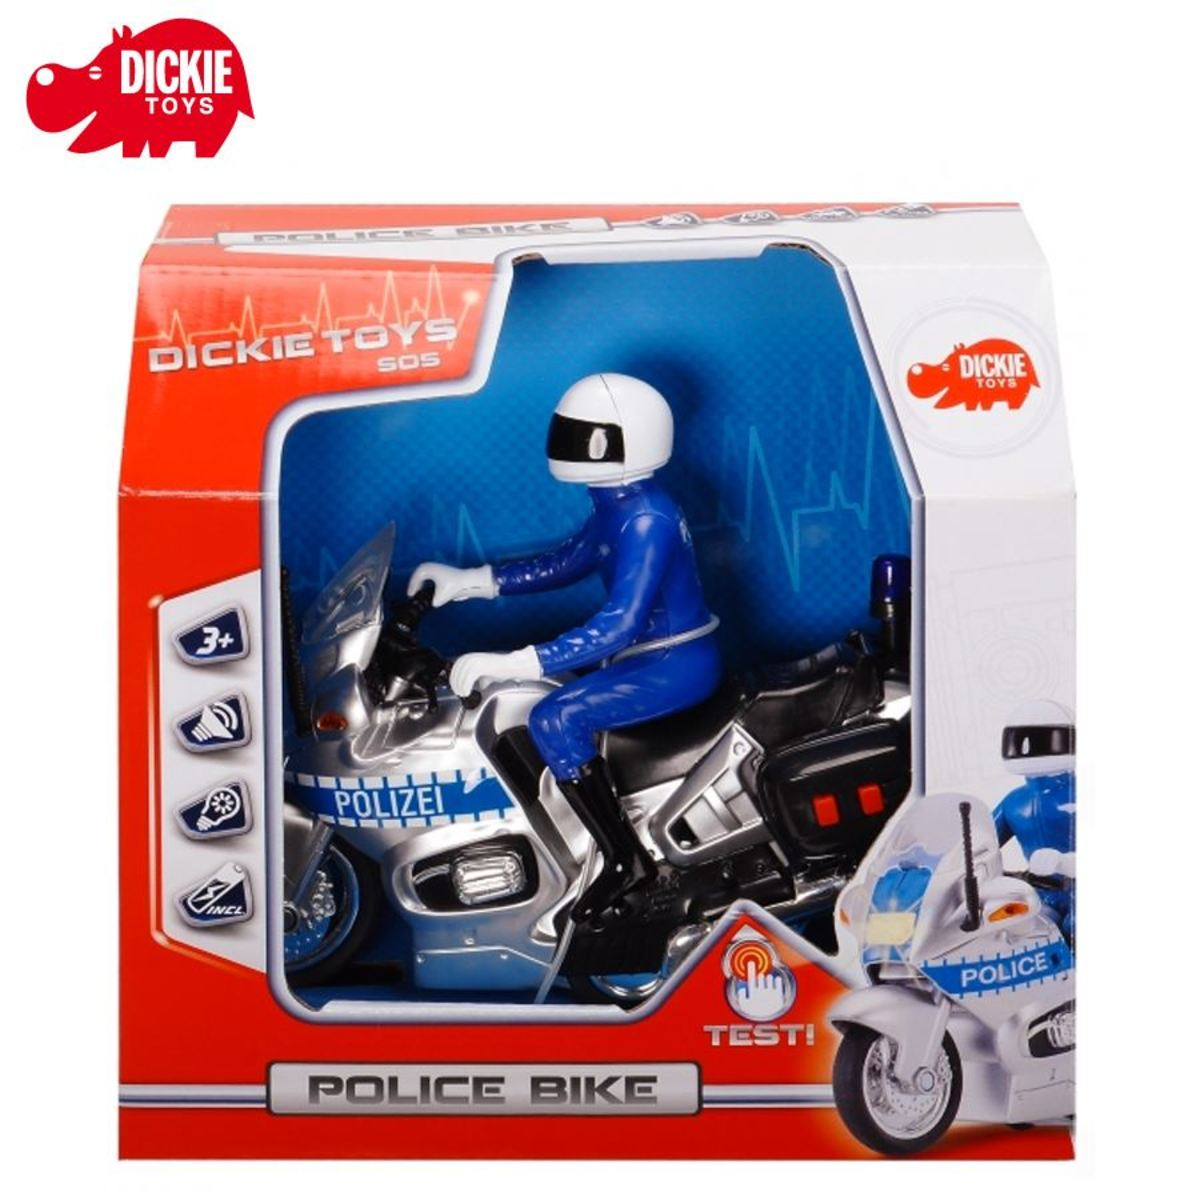 Bild 2 von Dickie Toys Polizei-Motorrad